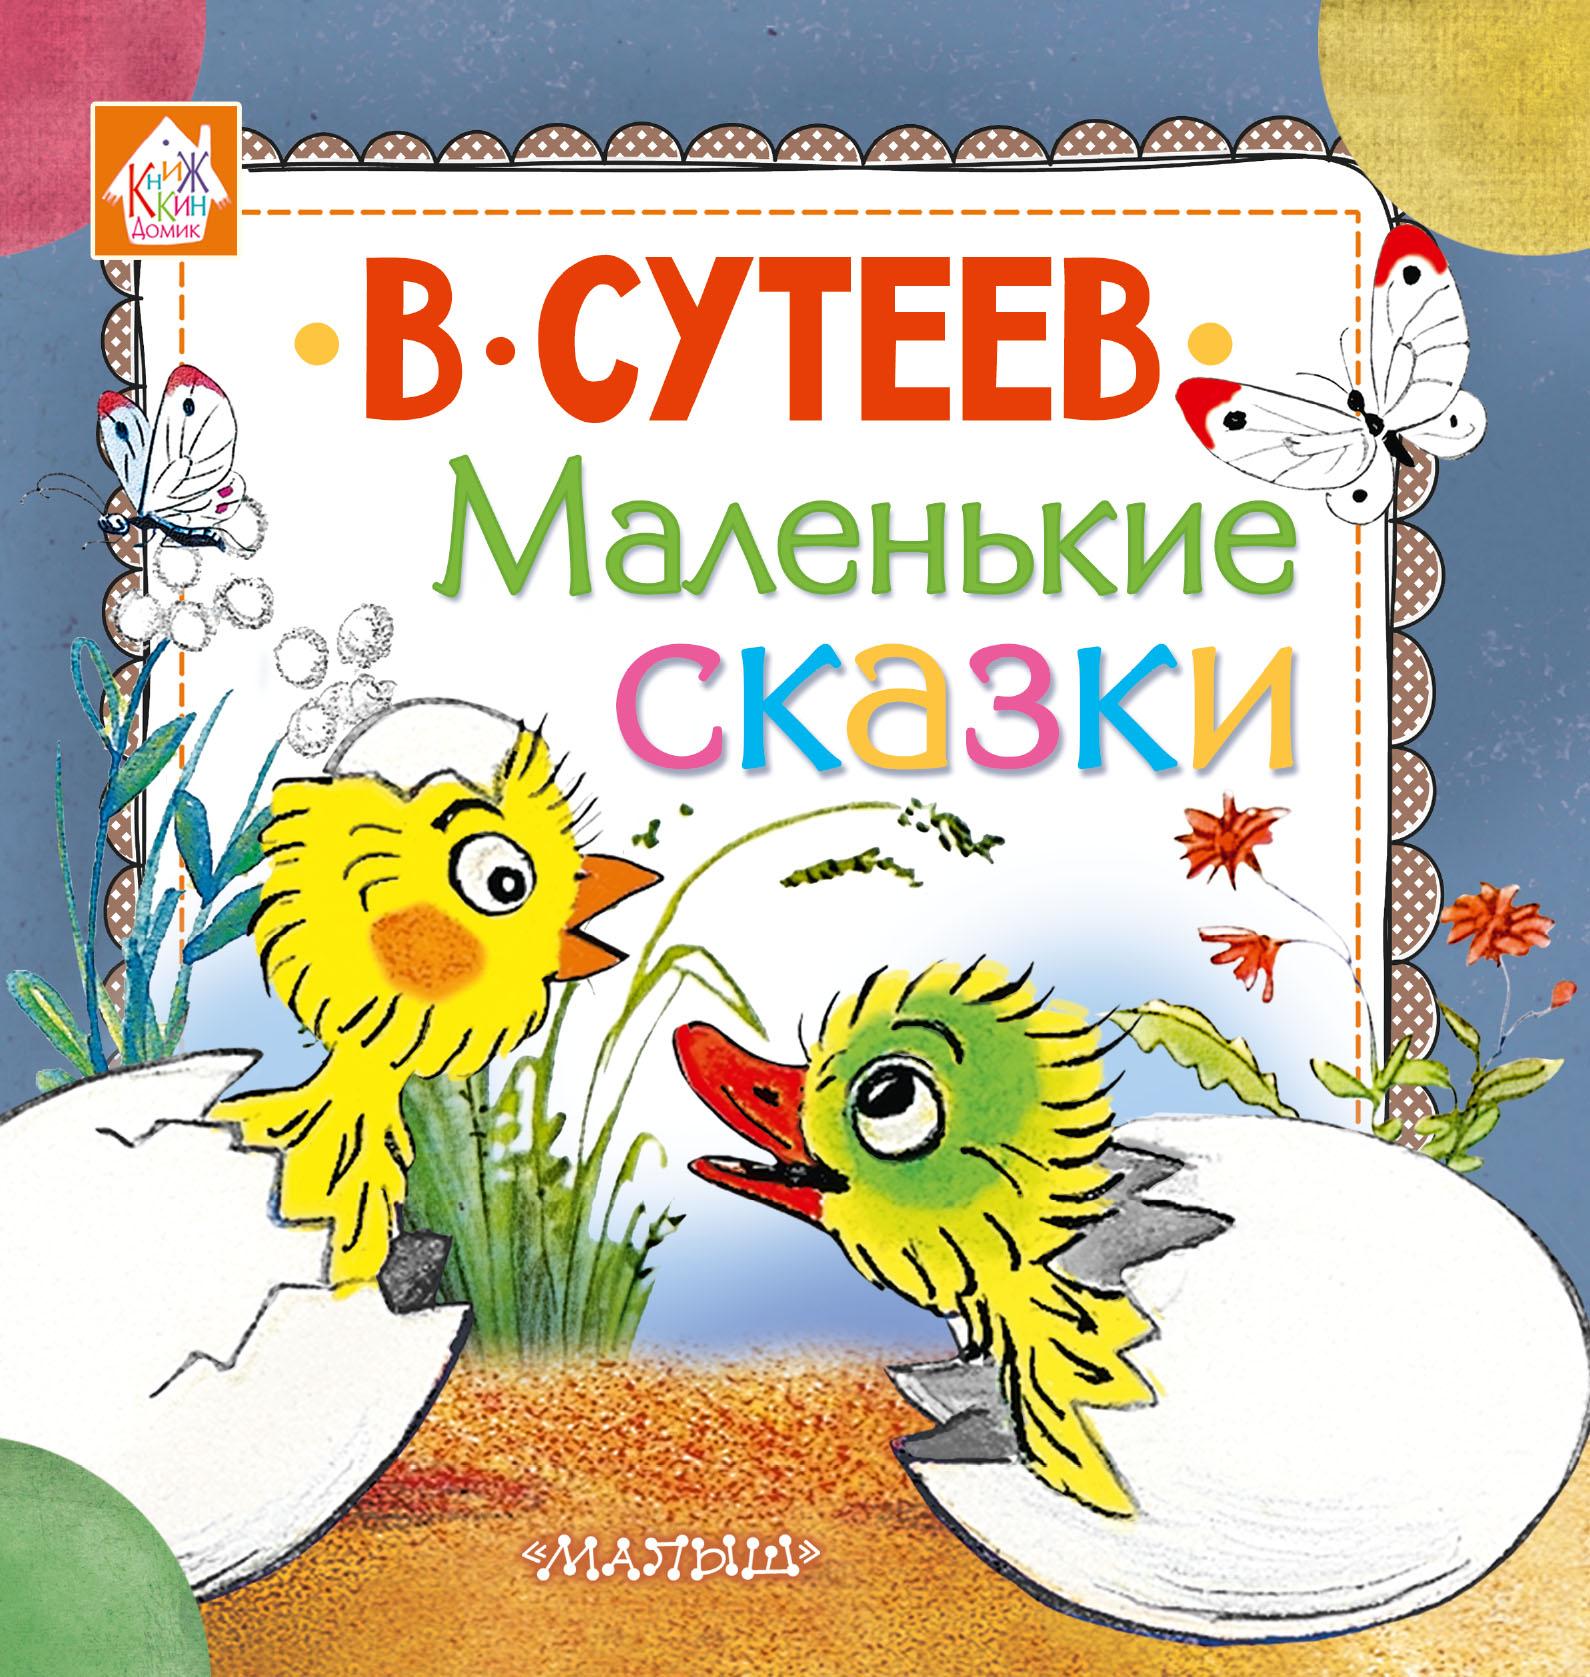 В. Сутеев Маленькие сказки королев в экономика и рынок для девчонок и мальчишек